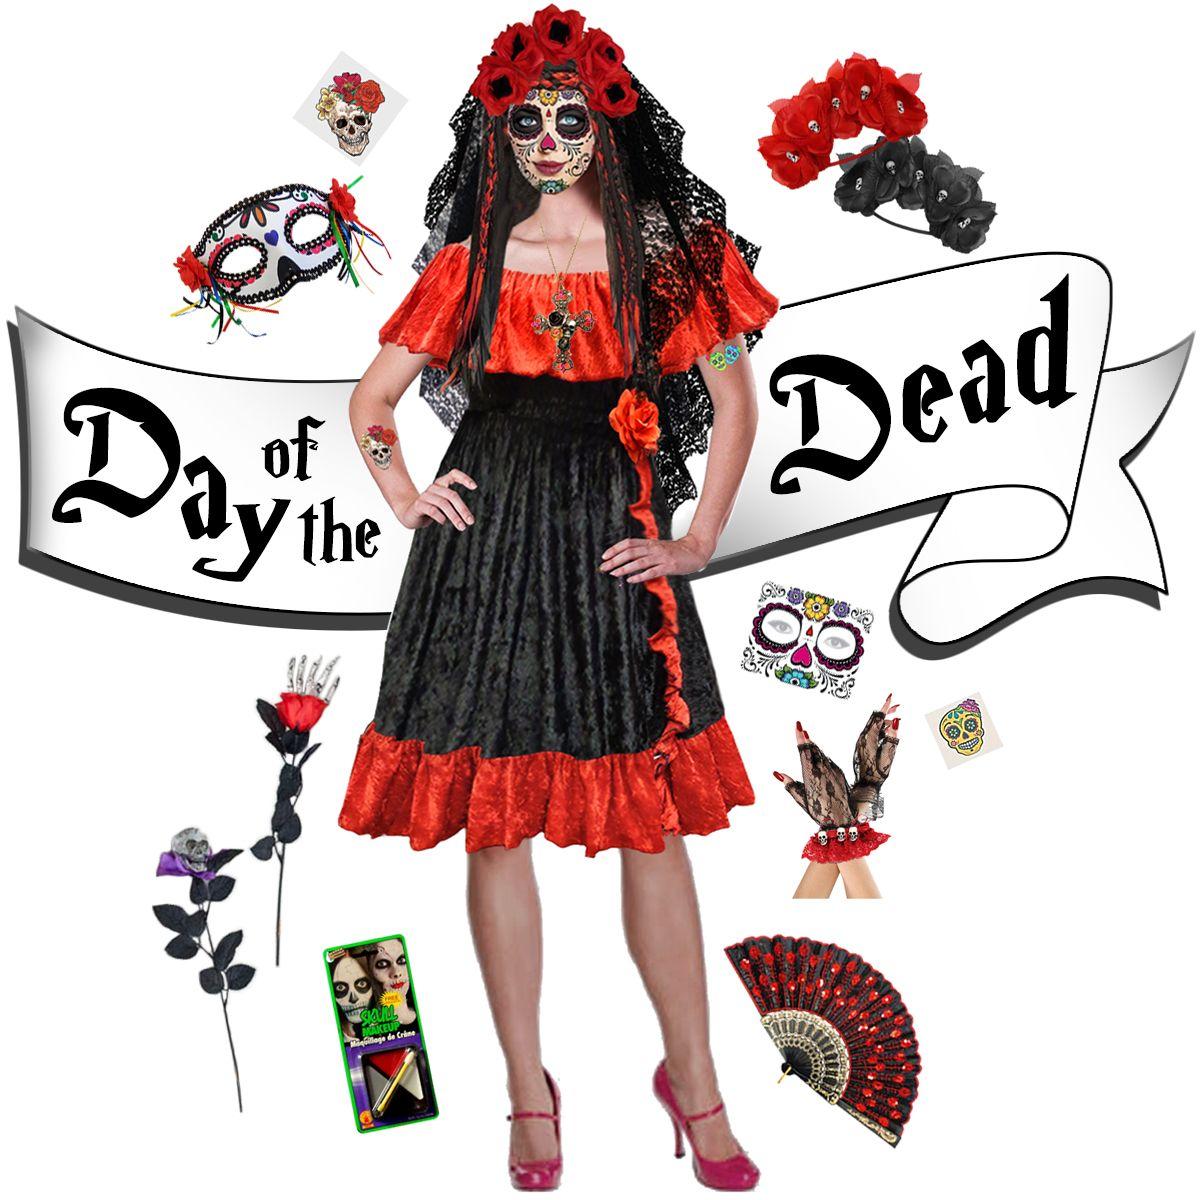 cd18a198b394 Sexy Day of the Dead - Dia de los Muertos Plus Size Halloween Costume Dress  & Accessory Kits XL 1x 2x 3x 4x 5x 6x 7x 8x